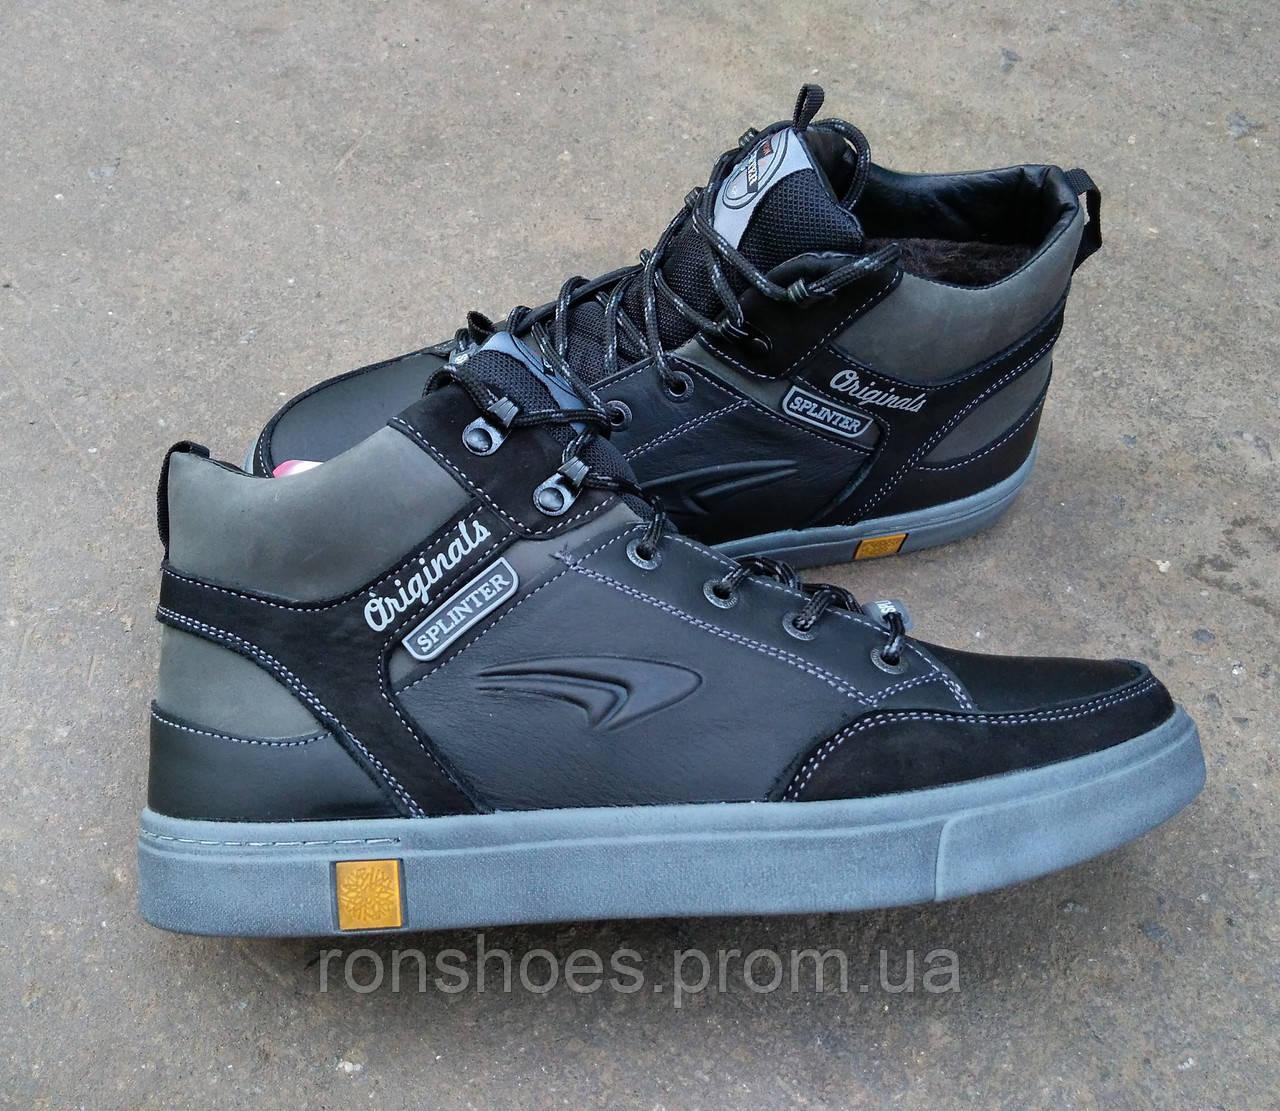 edbf8235 Мужские зимние спортивные кроссовки Splinter из натуральной кожи и меха, ...